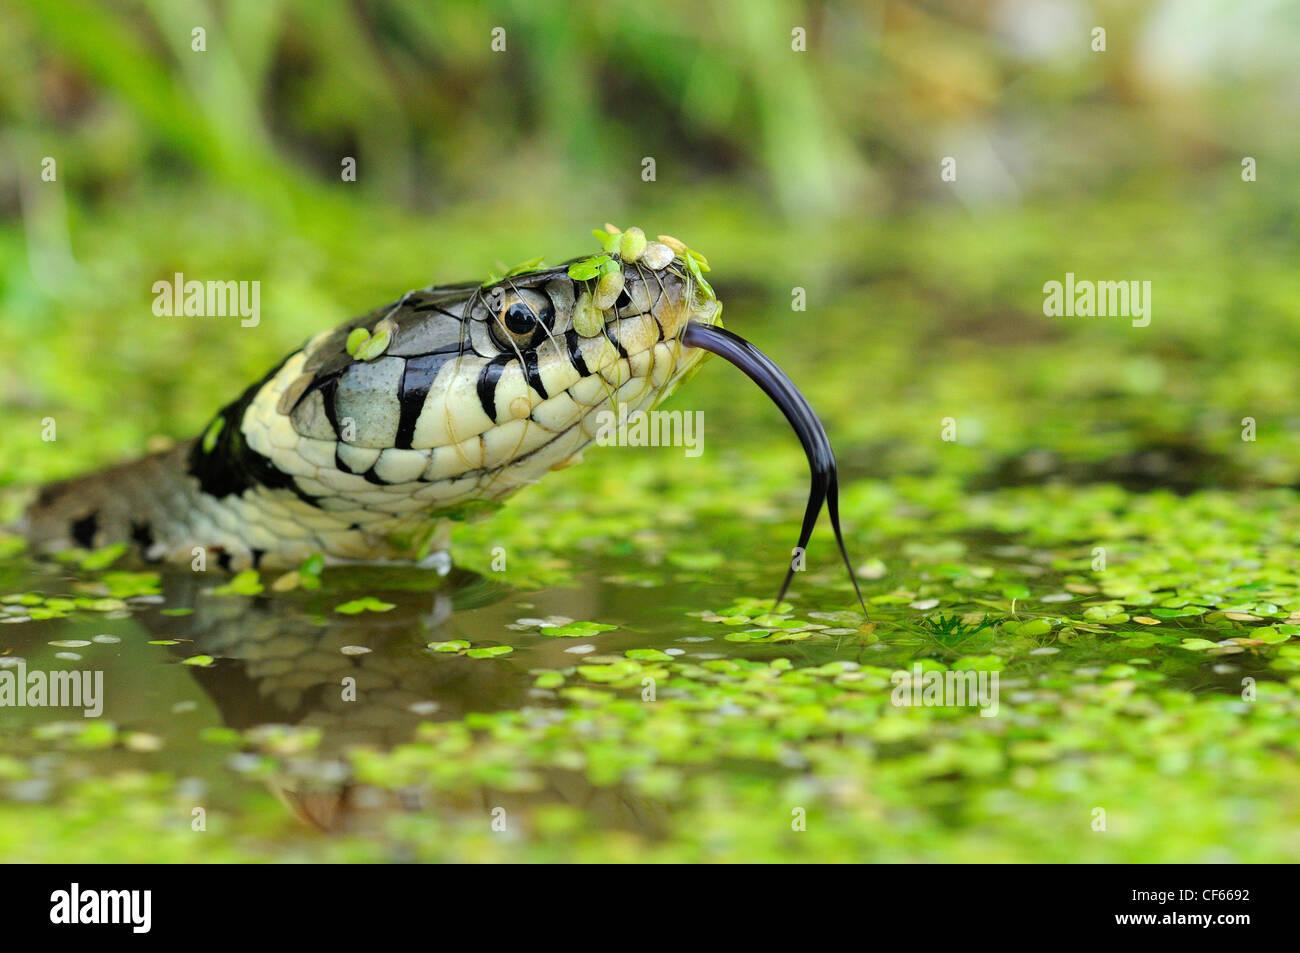 Une Couleuvre à collier (Natrix natrix) dans l'eau. Photo Stock